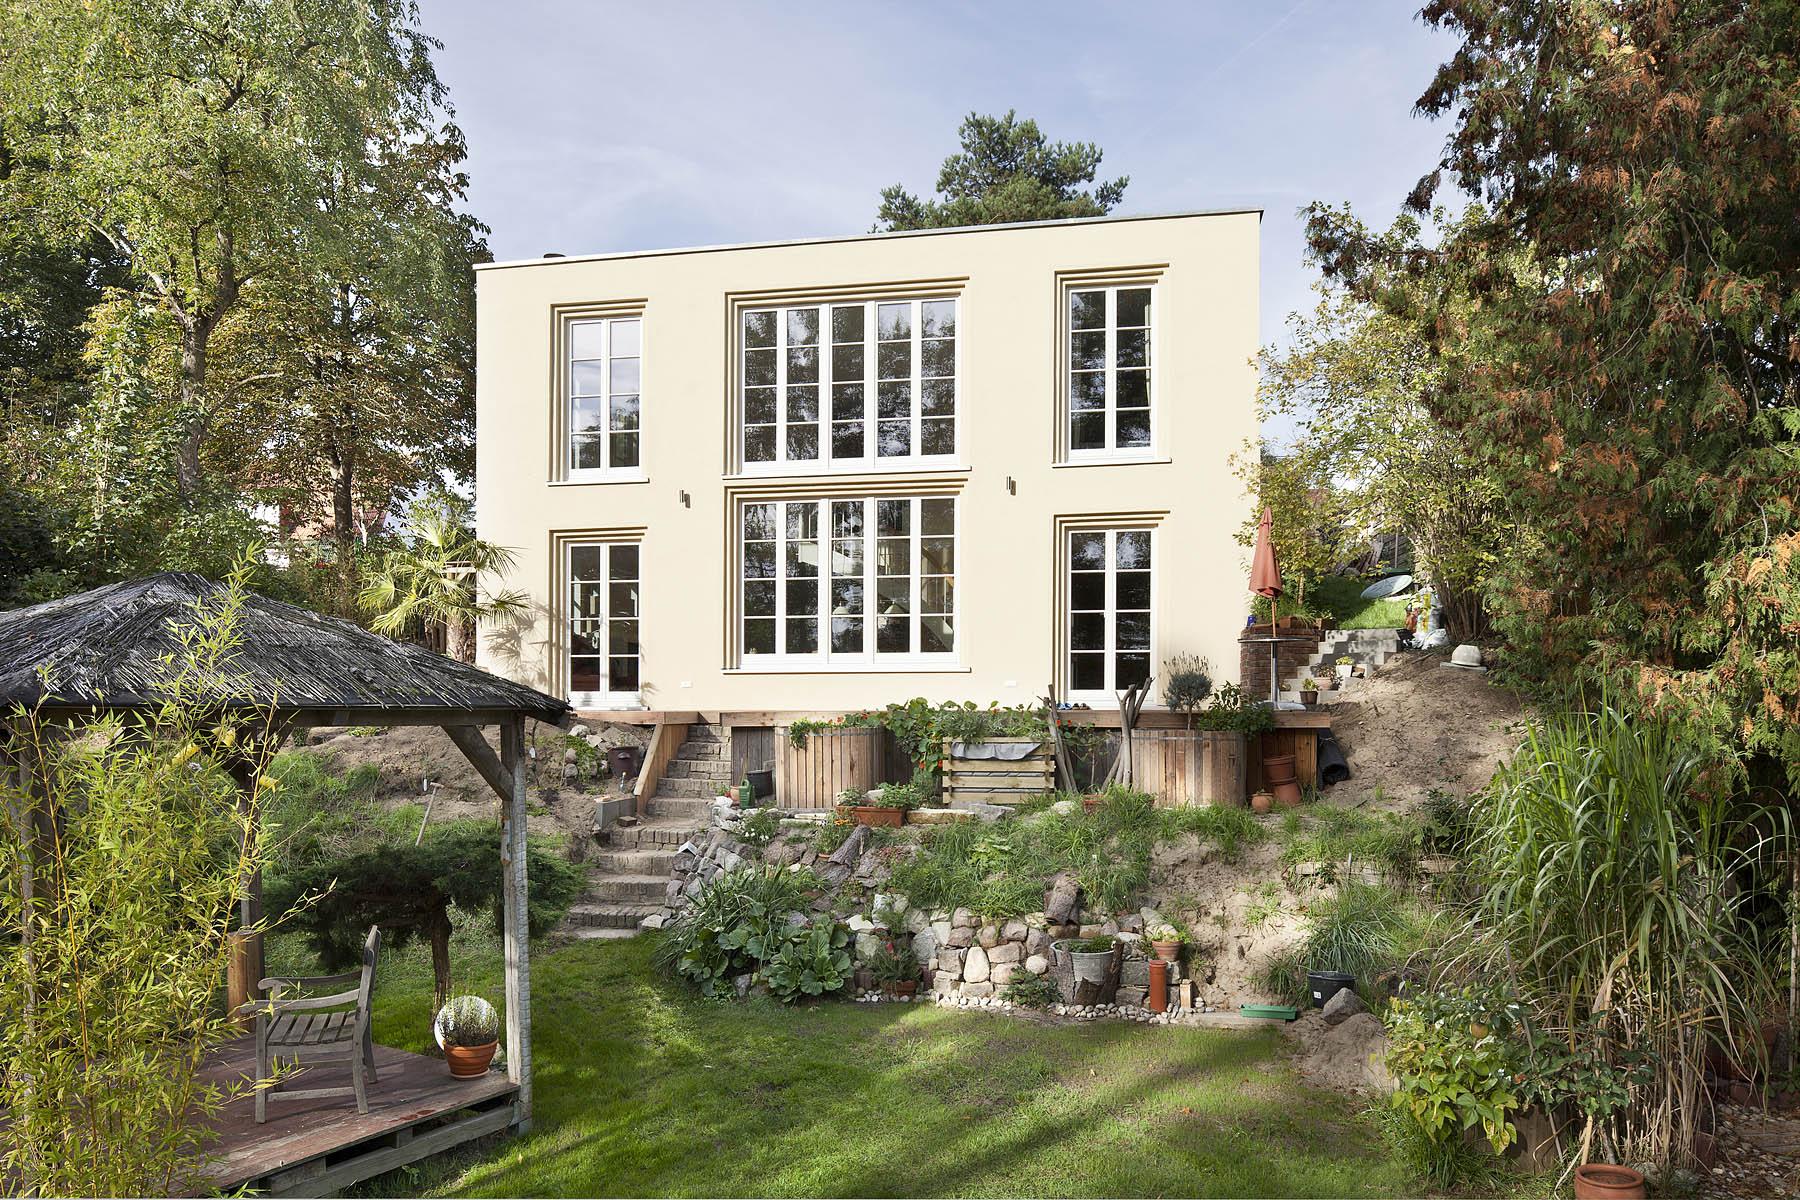 Haus_Wolterdorf